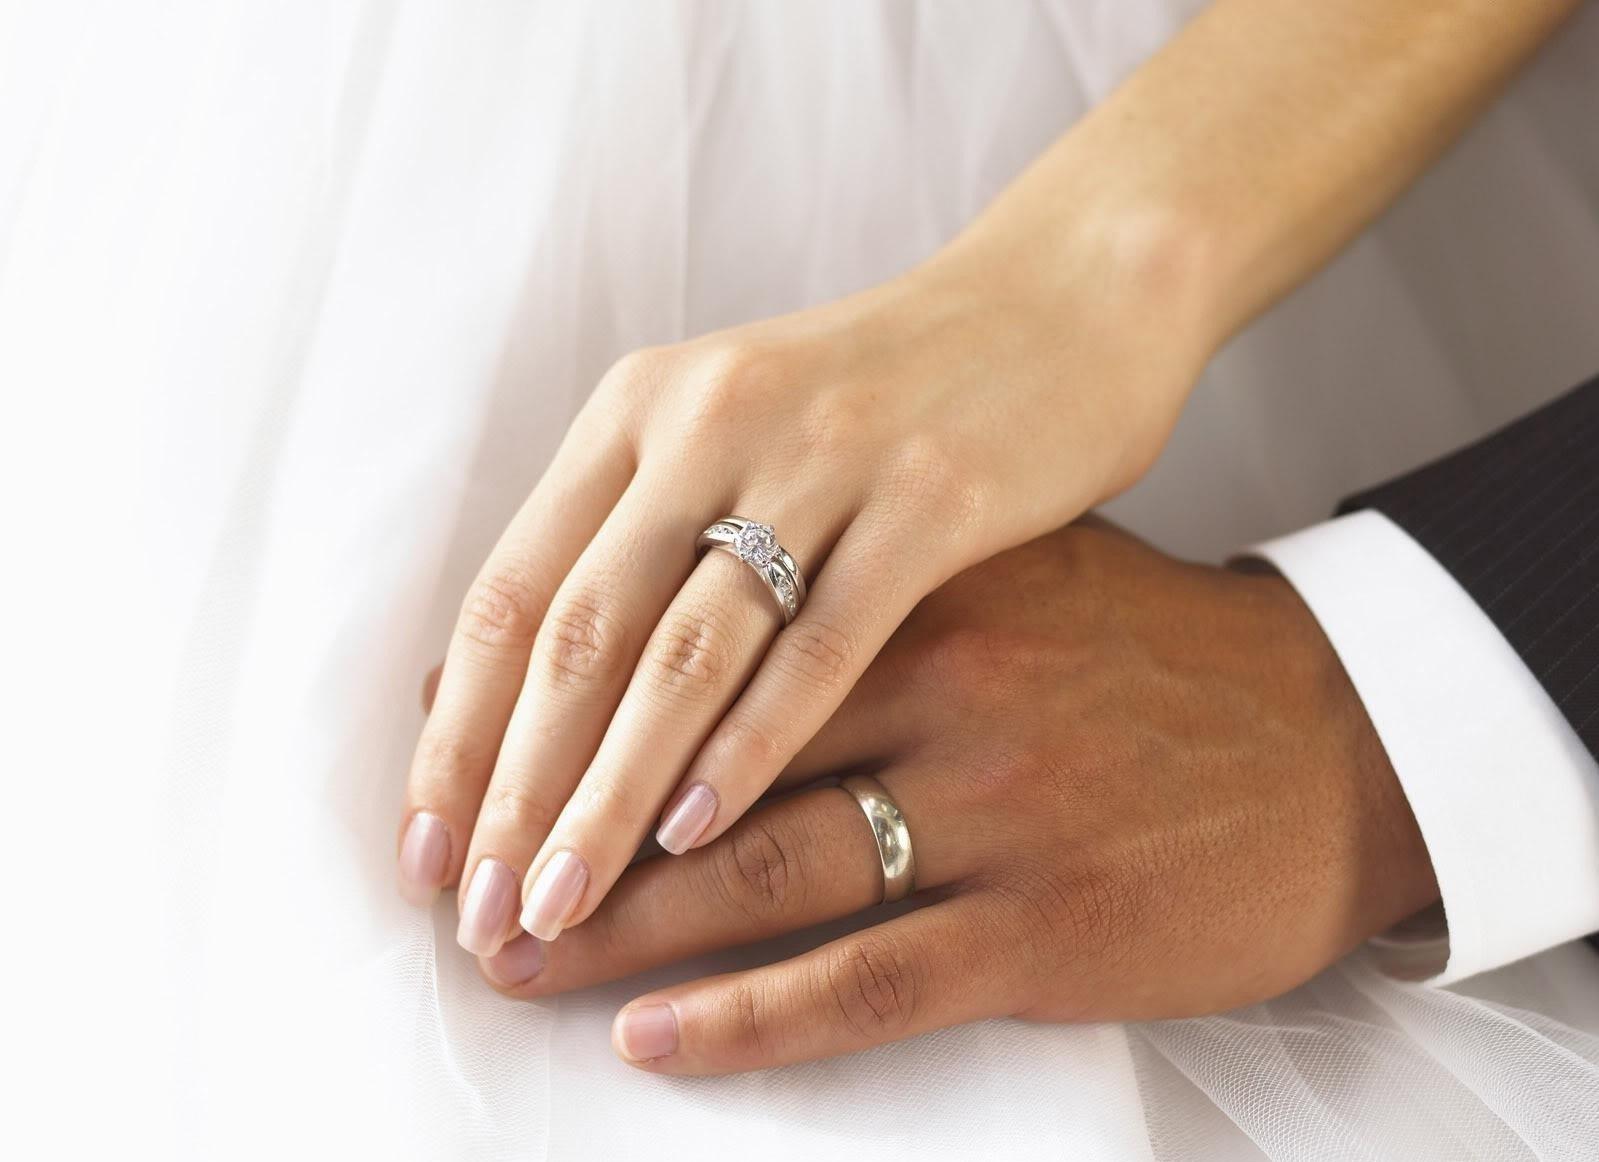 картинки обручального и помолвочного кольца минералке, тесто бутылке